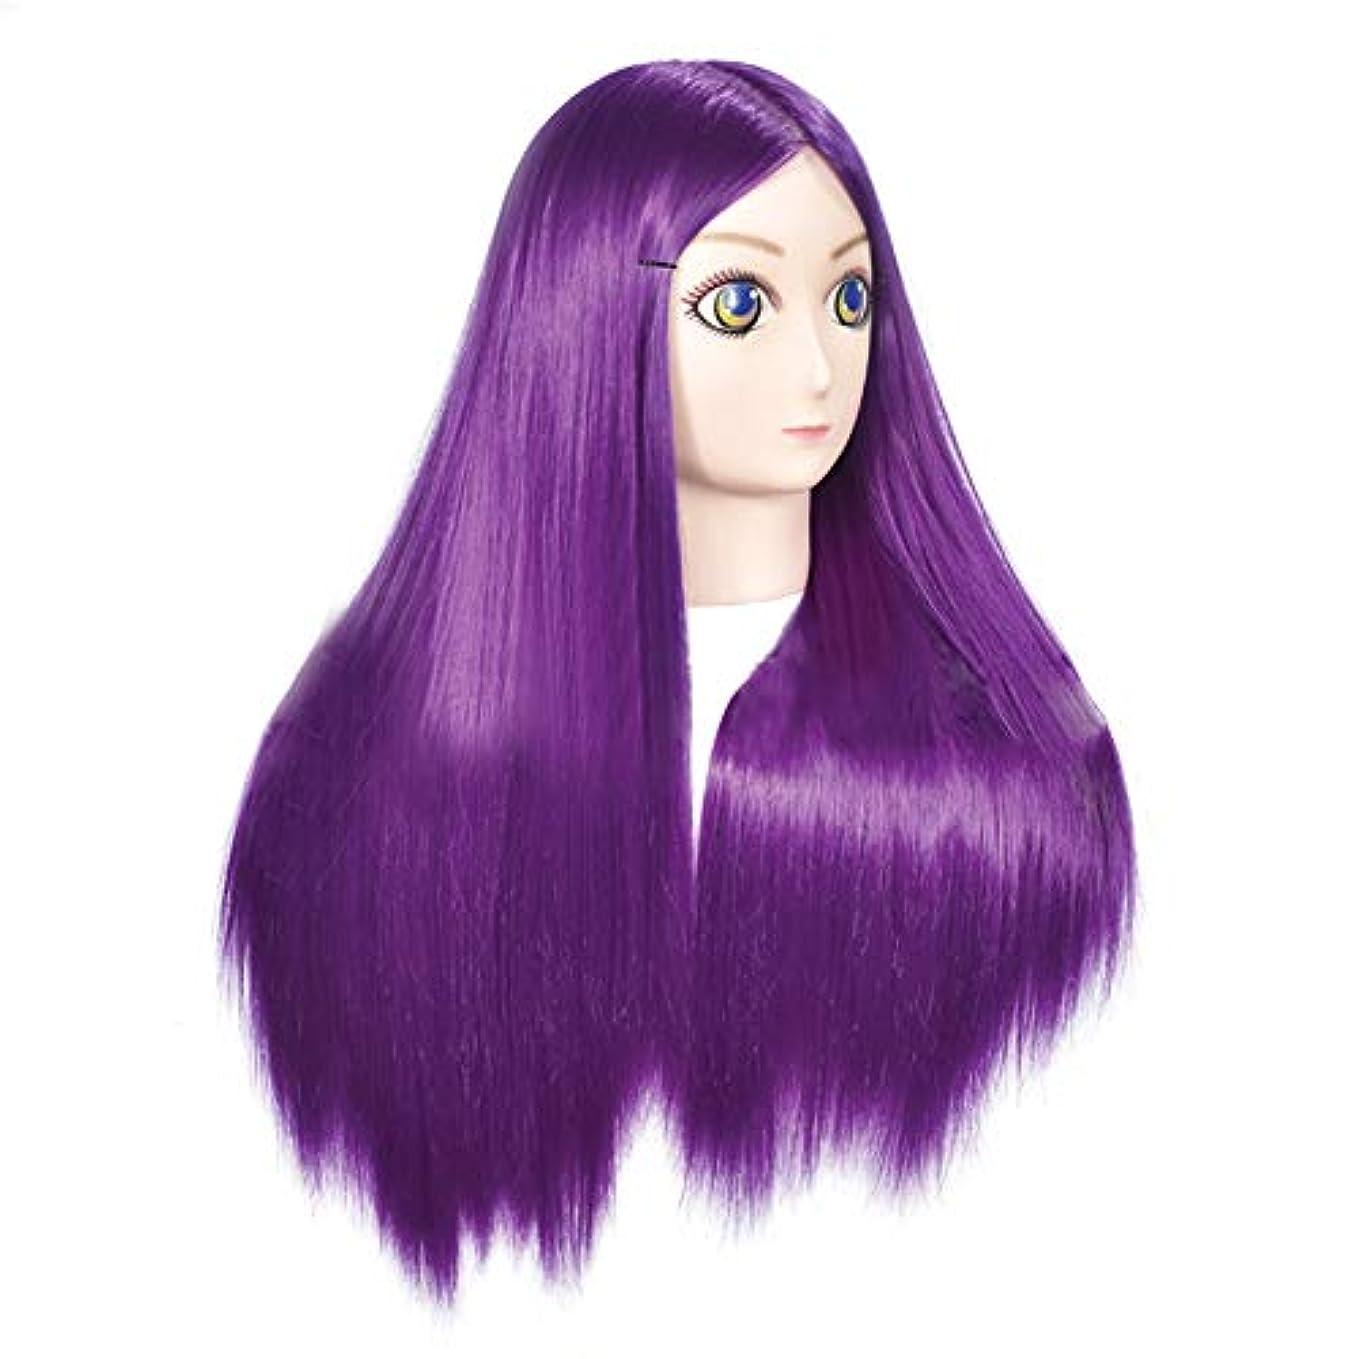 高温シルクヘアスタイリングモデルヘッド女性モデルヘッドティーチングヘッド理髪店編組髪染め学習ダミーヘッド